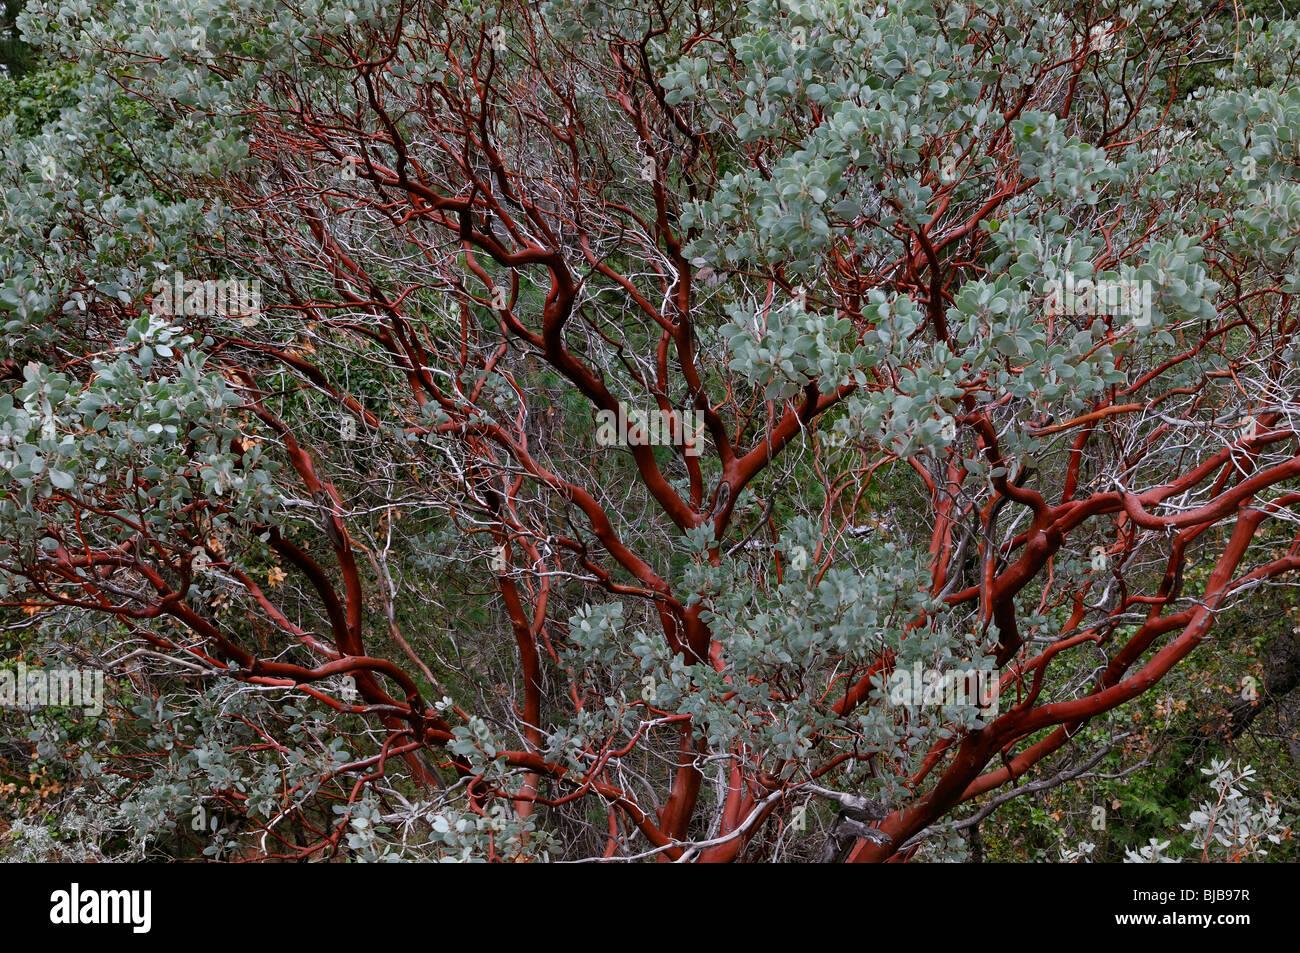 Corteccia rosso della evergreen manzanita albero nel parco nazionale di Yosemite in inverno Foto Stock